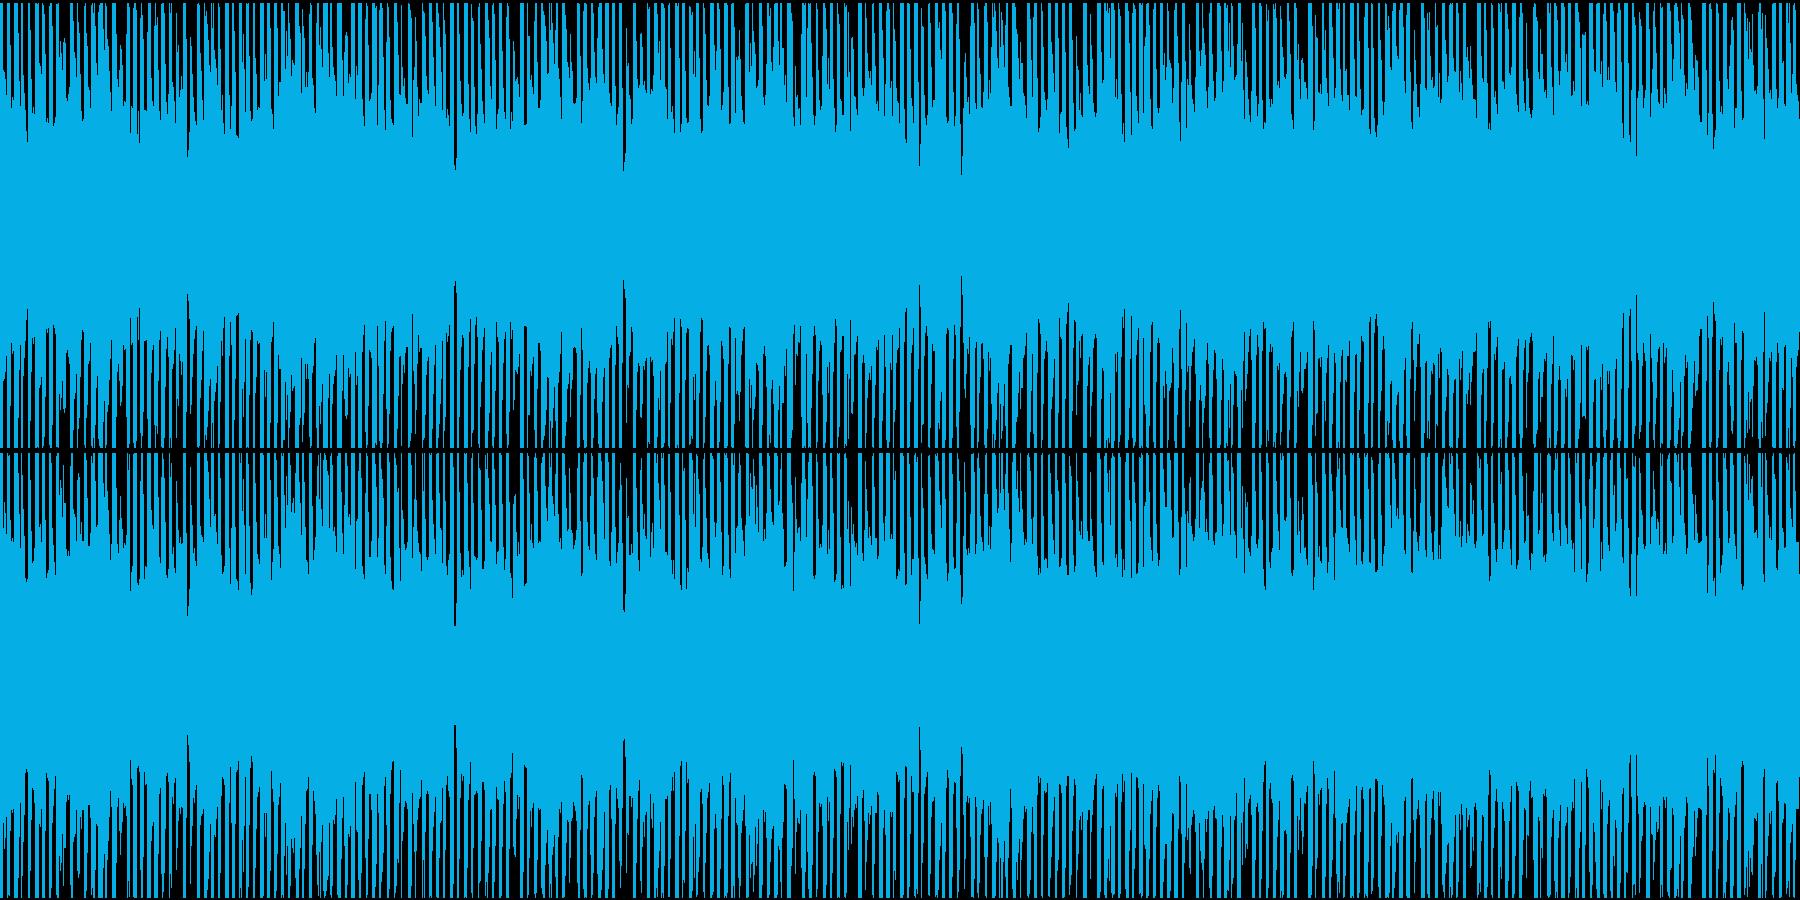 深刻な雰囲気のエレクトロニックなループの再生済みの波形